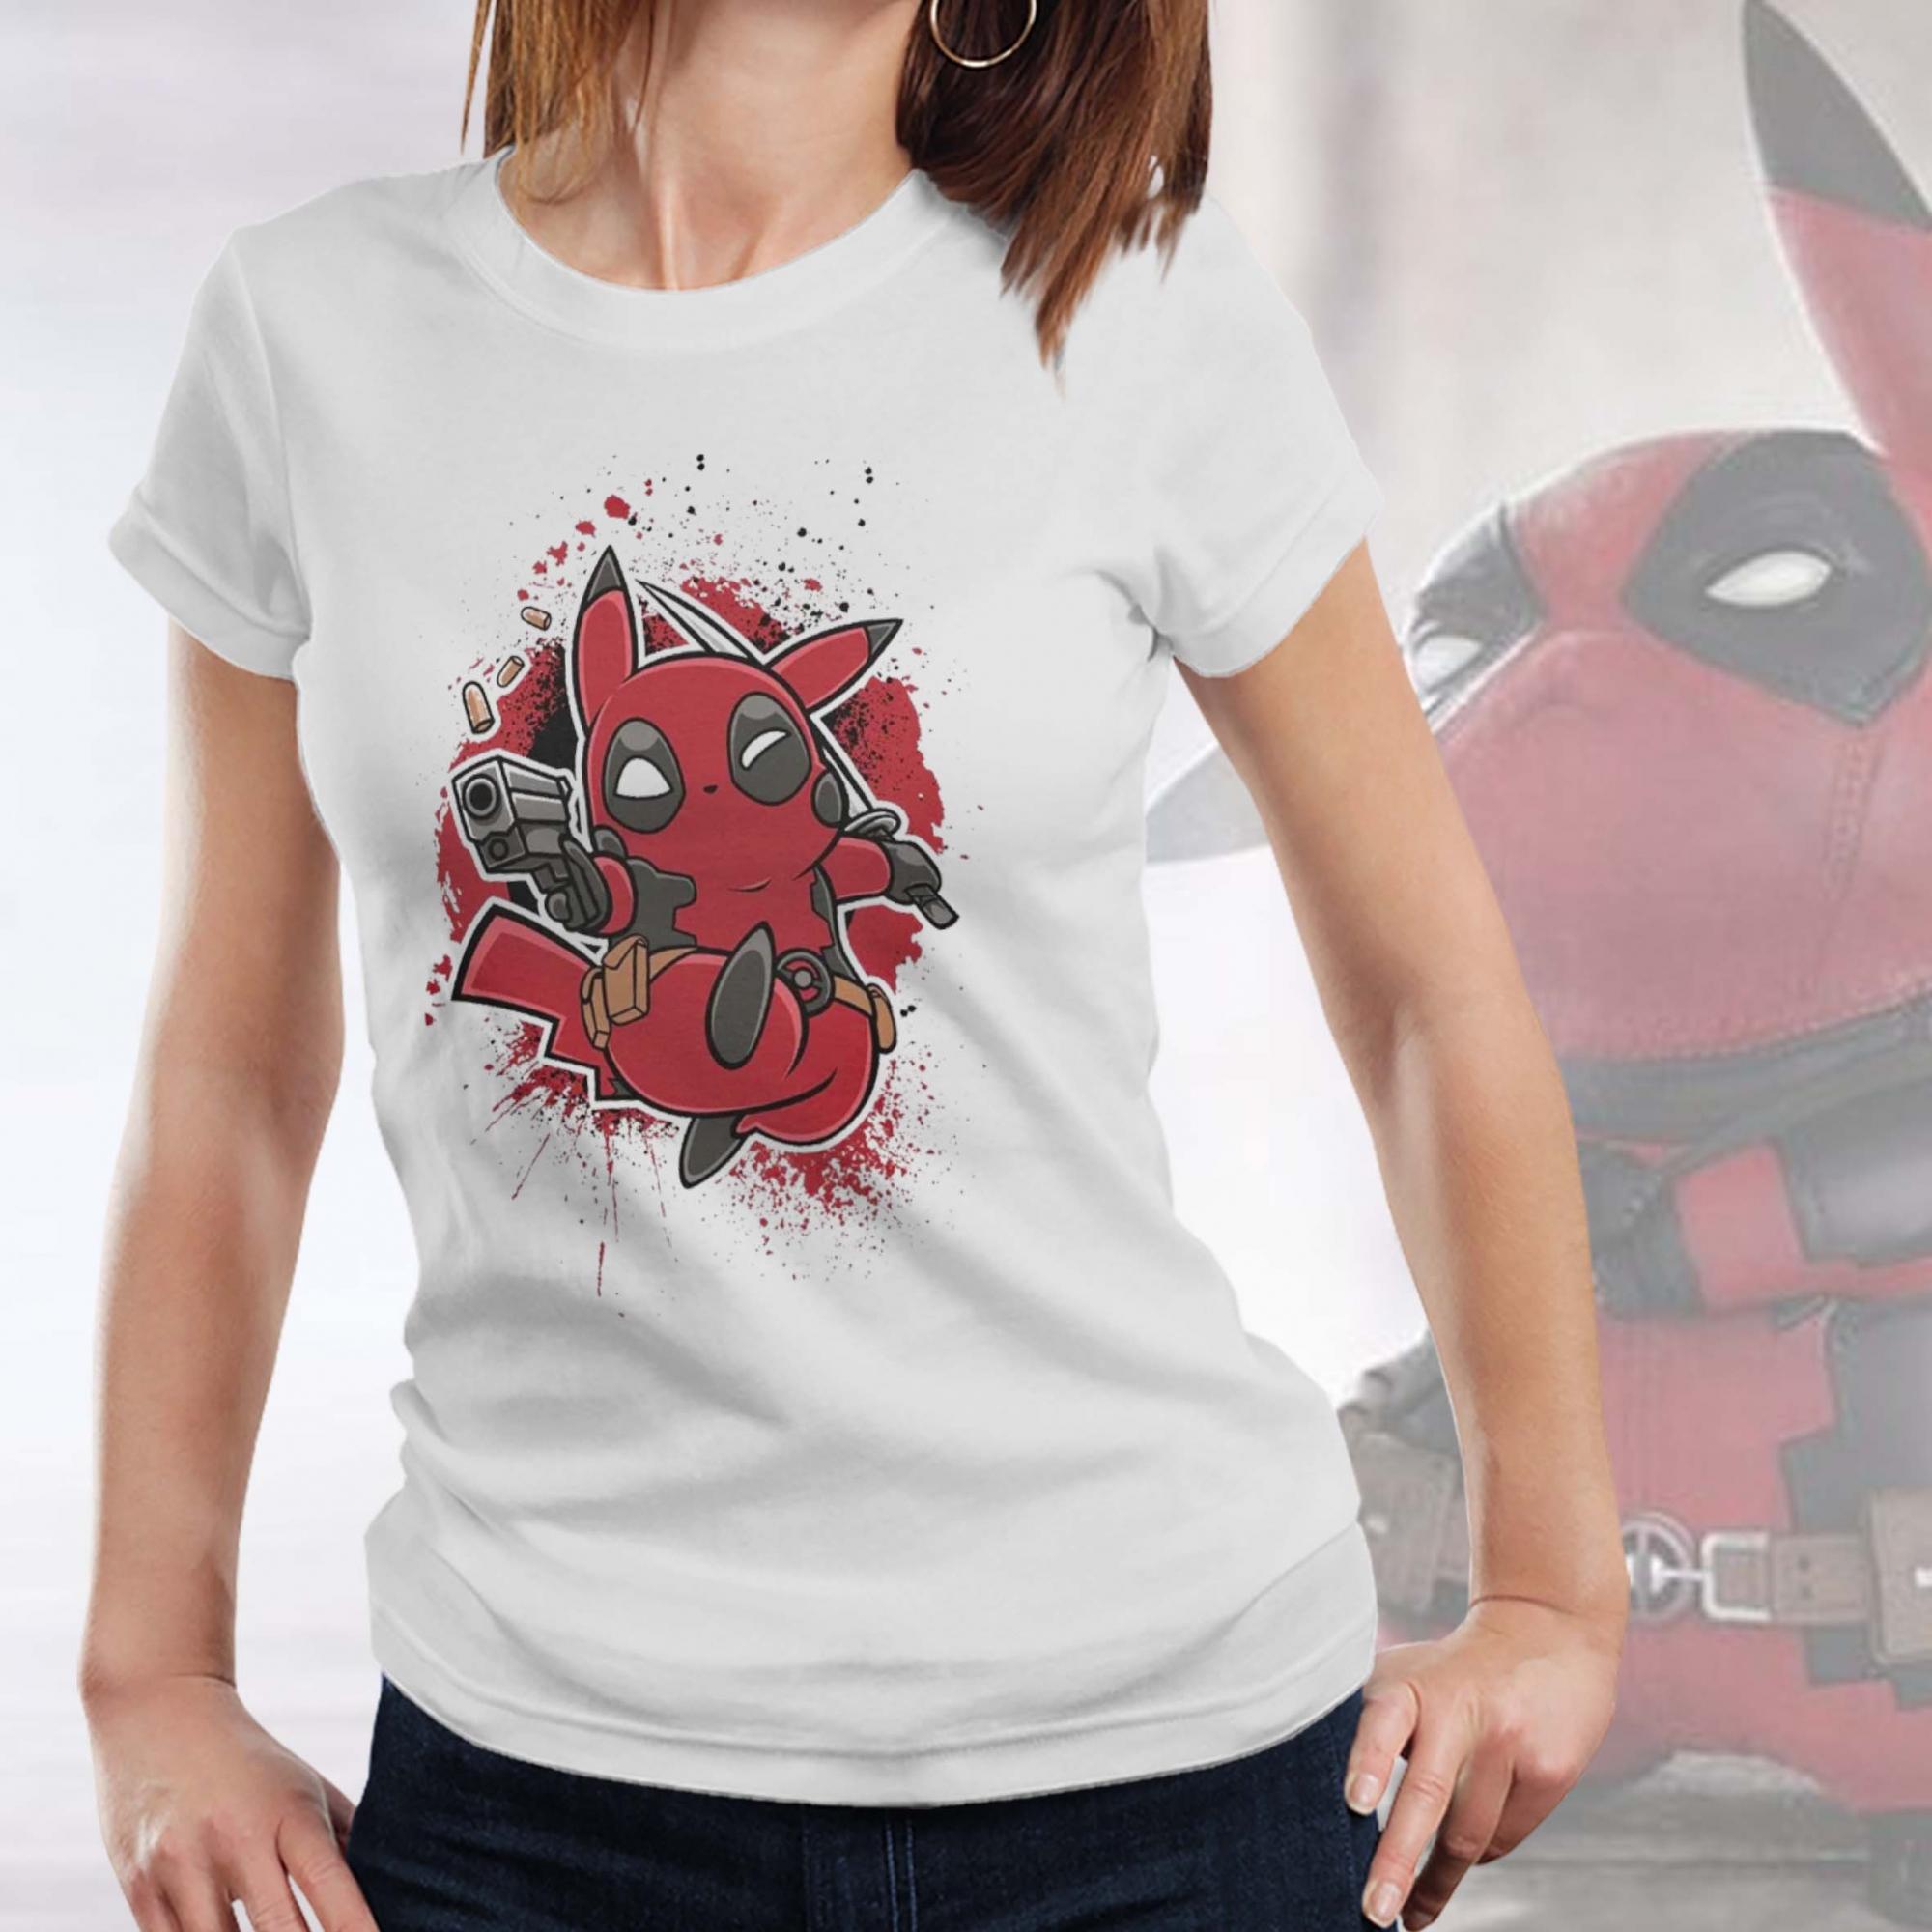 Camiseta Feminina Unissex Pikachu Deadpool - EV